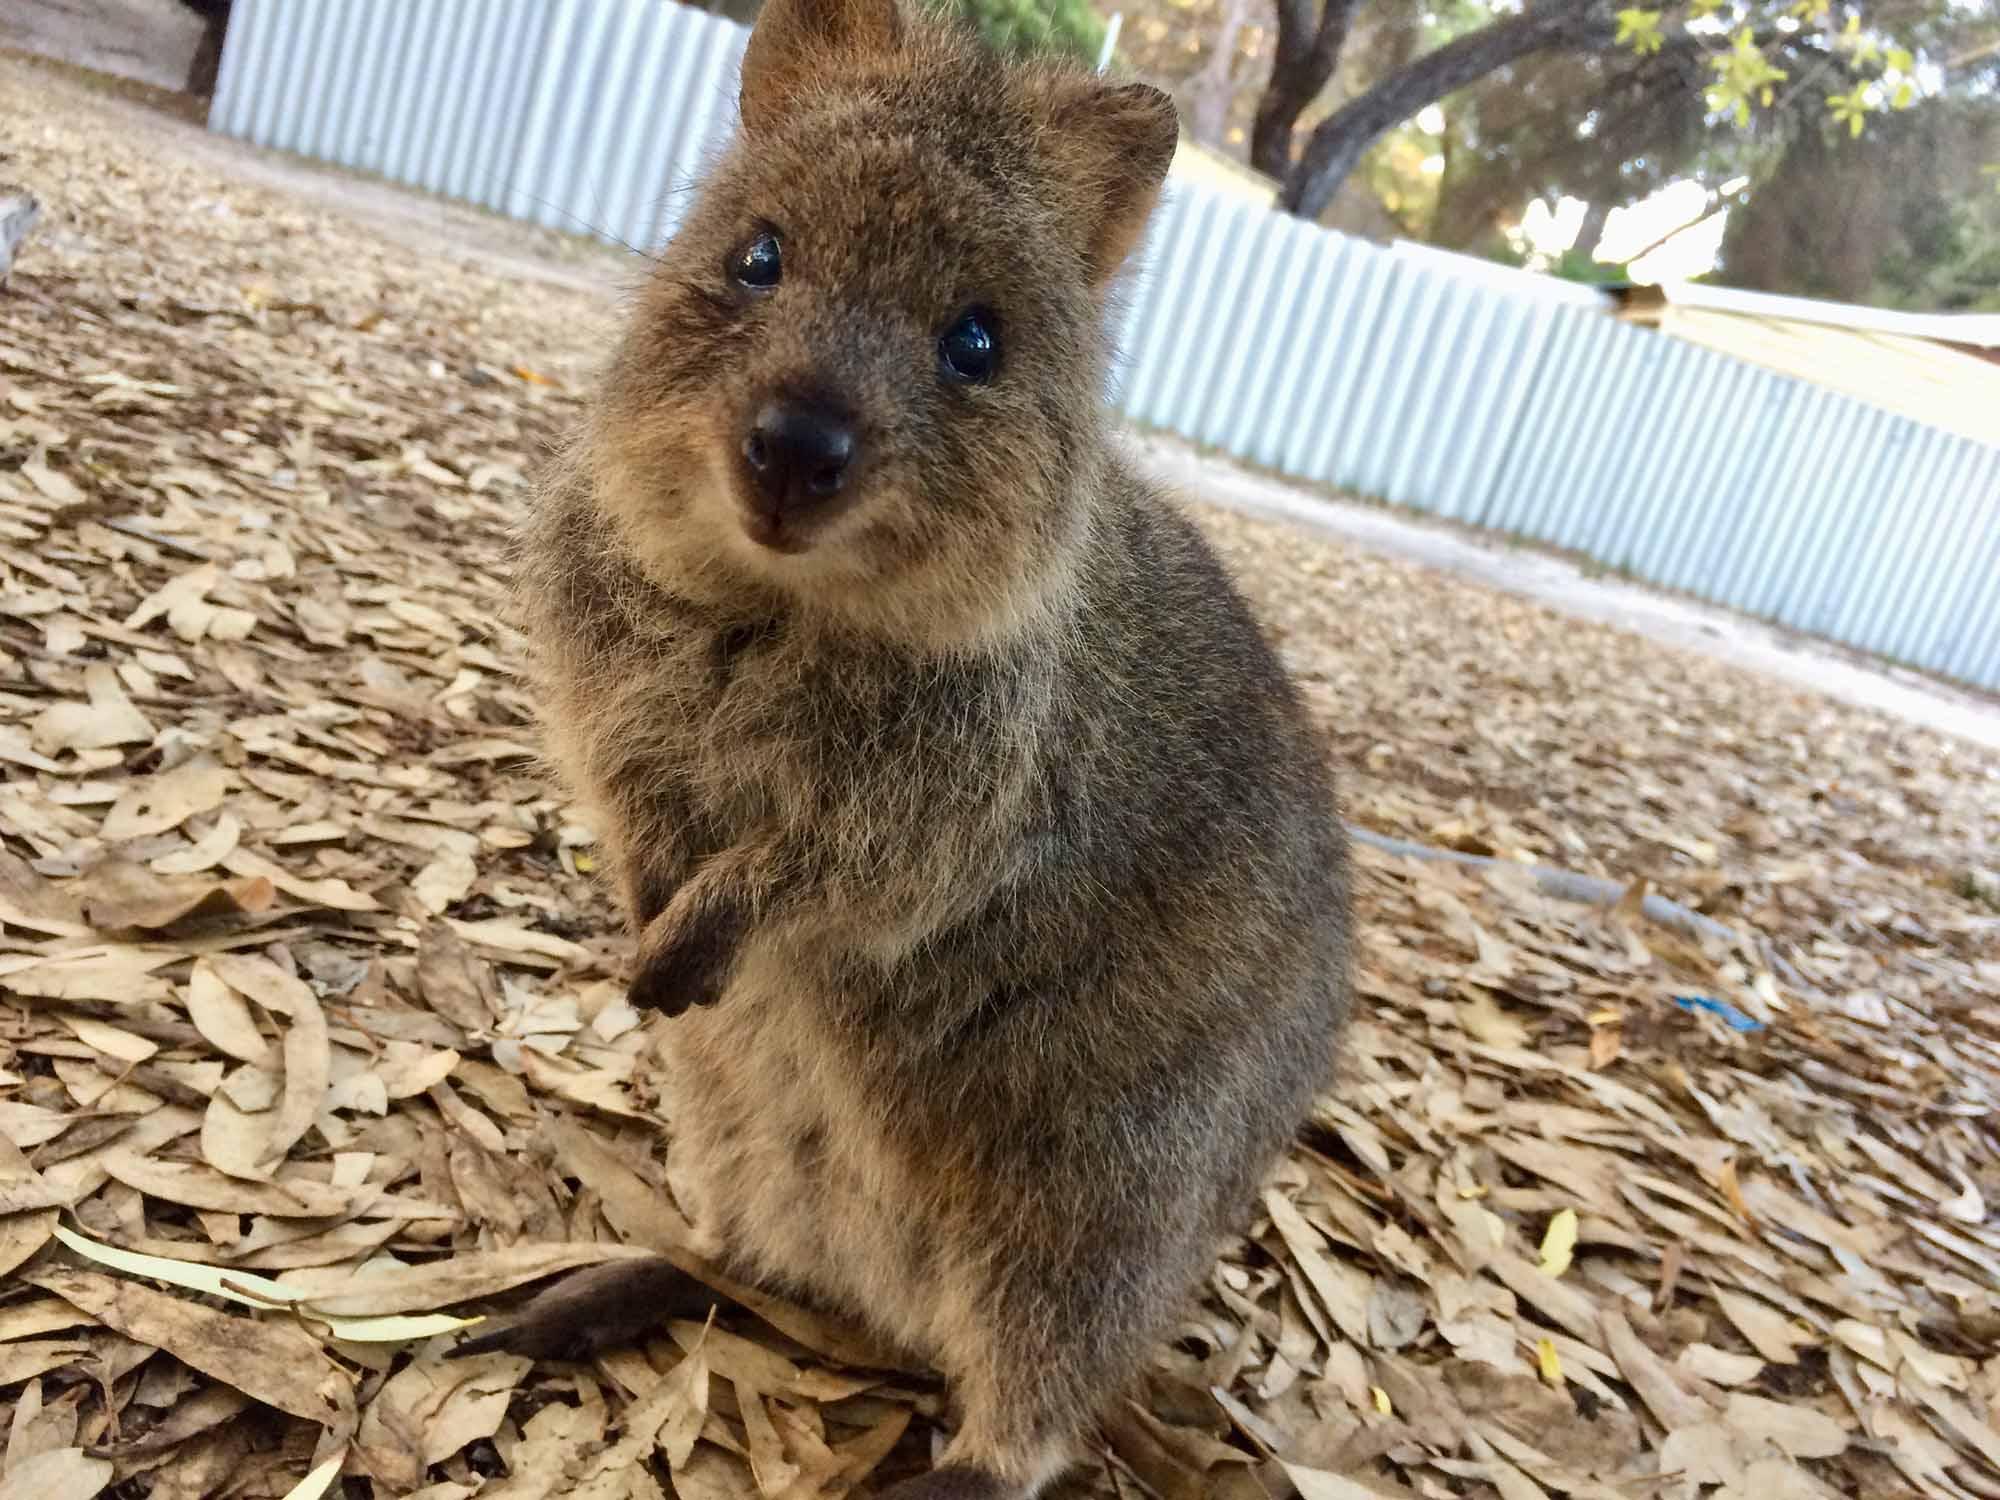 「クオッカに会いたい!」 英語が苦手な中年パパの 西オーストラリア専業主夫日記